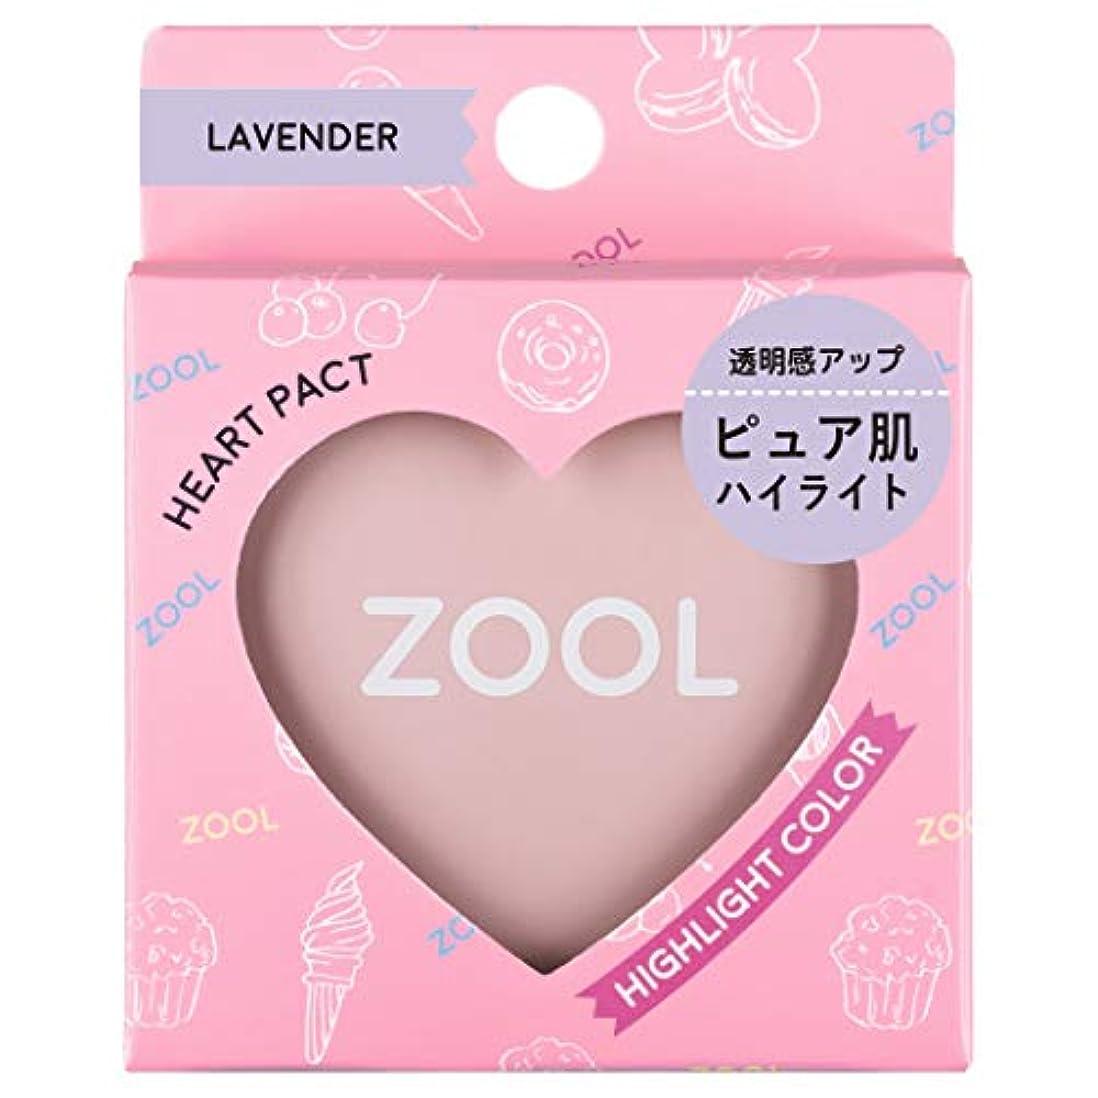 許可するジェスチャー心臓ZOOL (ズール) ハートパクト ラベンダー (ハイライト) (1個)